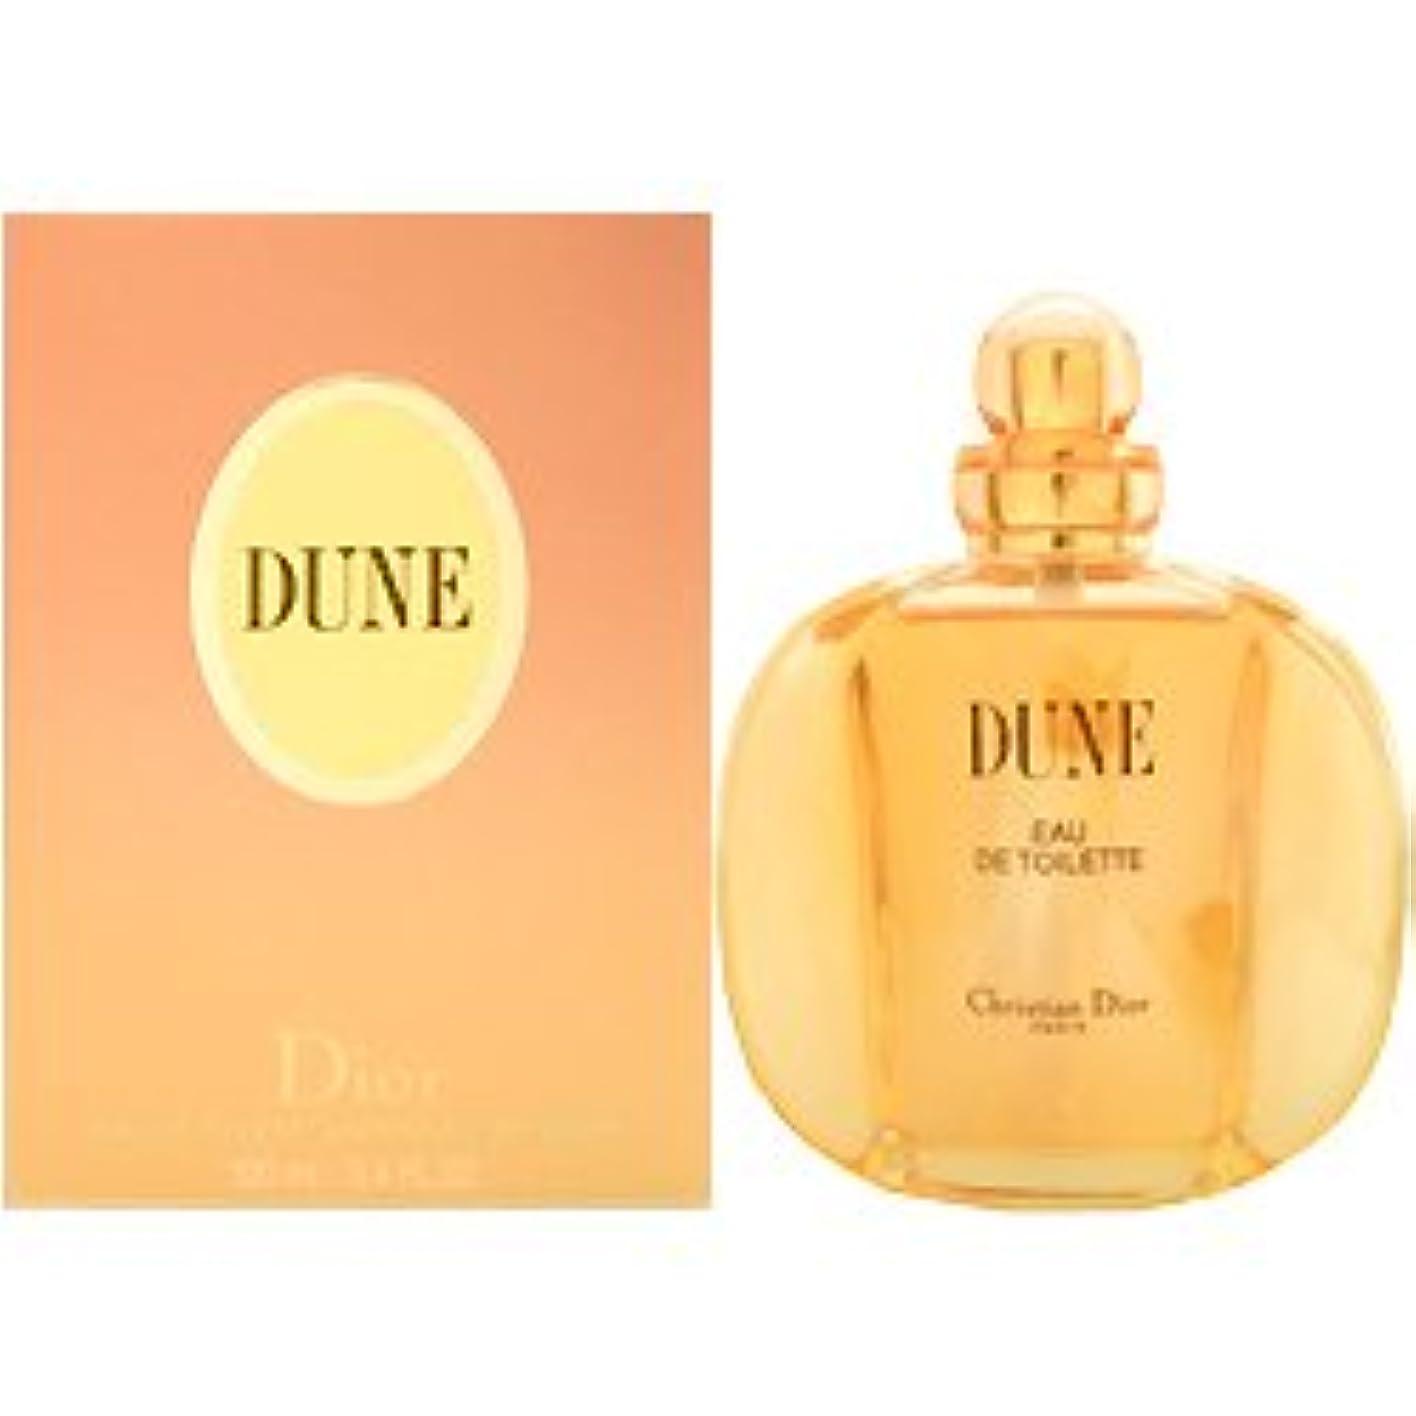 心臓確認和クリスチャンディオール デューン Christian Dior EDT SP 100ml